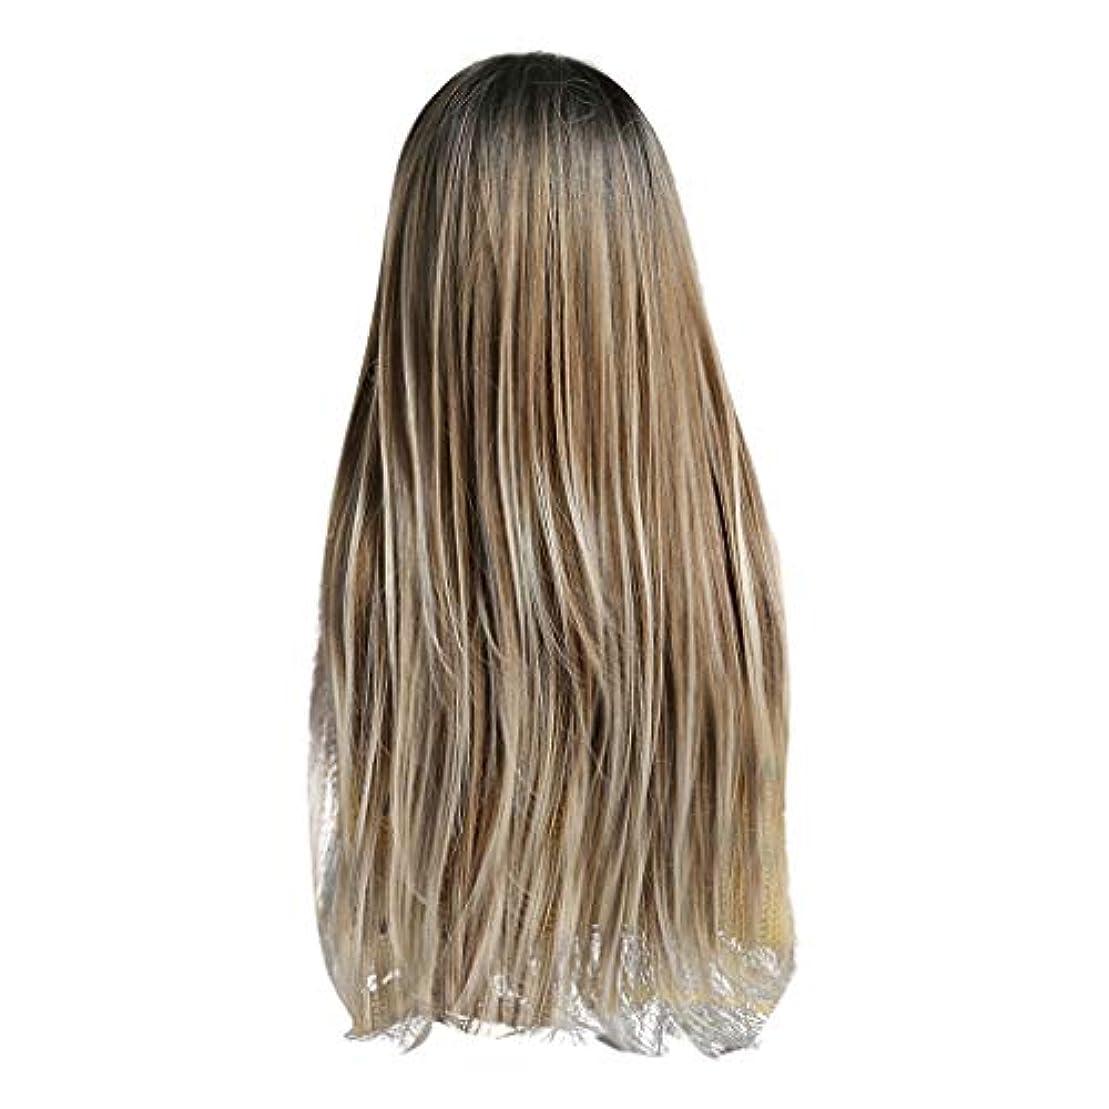 立ち寄るスペシャリストカビLazayyii かつら女性自然な3色 グラデーション化学繊維毛髪 (A)